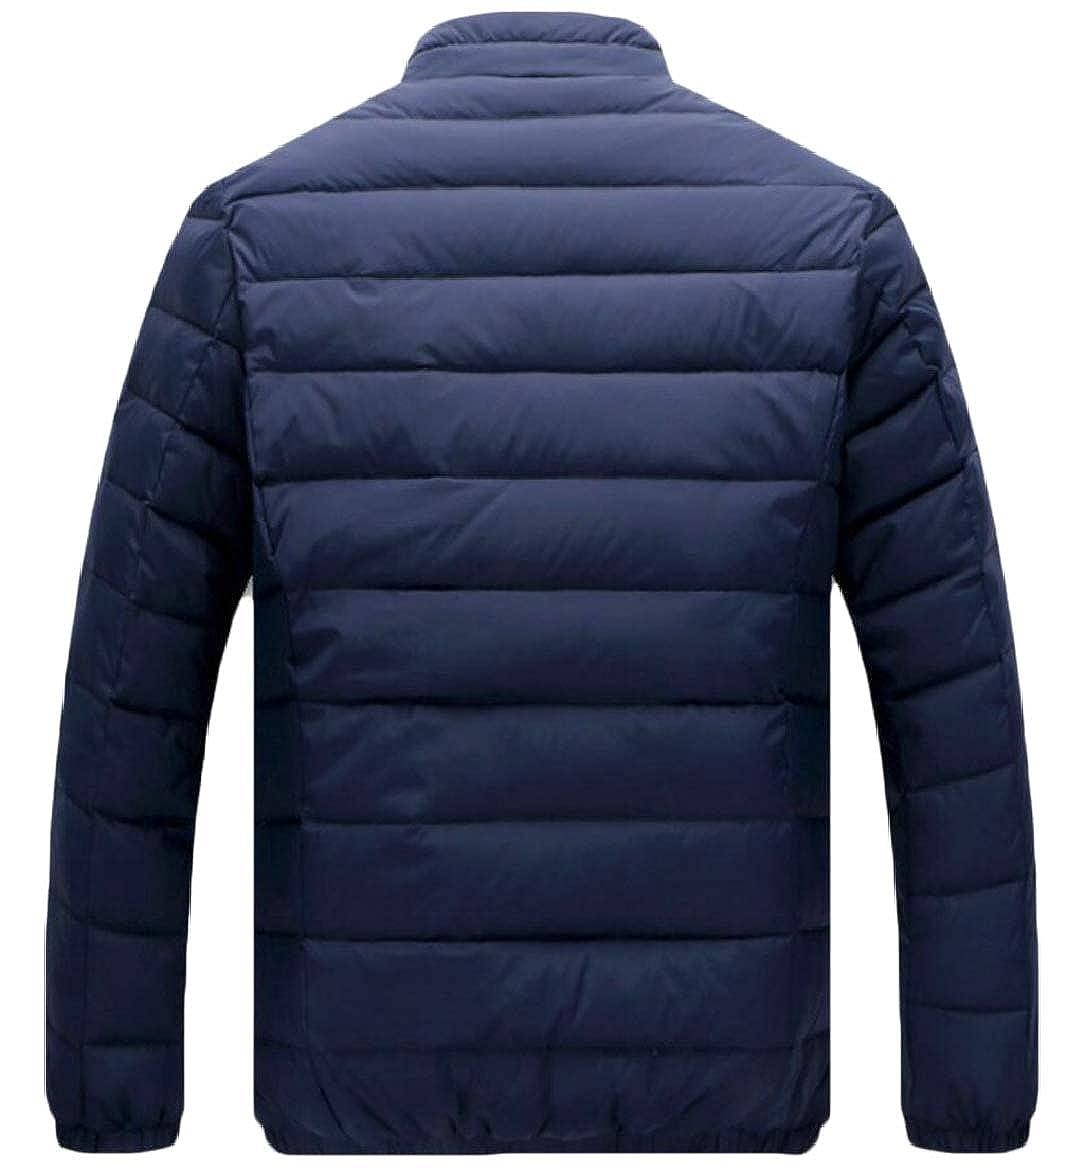 xiaohuoban Men Stand Collar Packable Light Weight Down Puffer Jacket